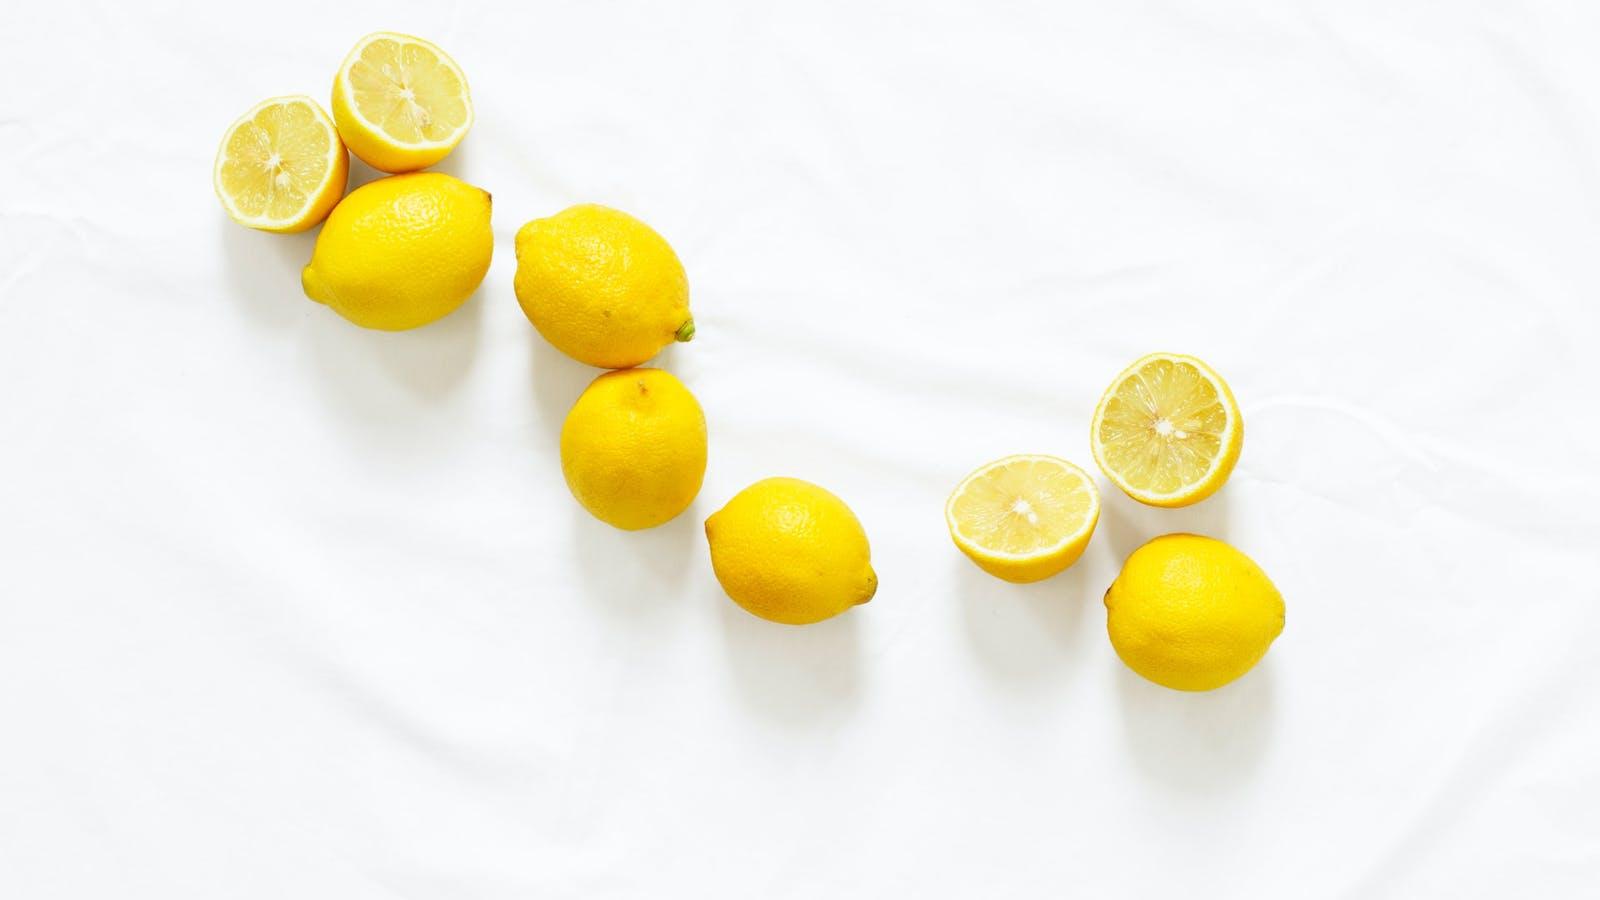 Citrons alignés en couleurs sur fond blanc